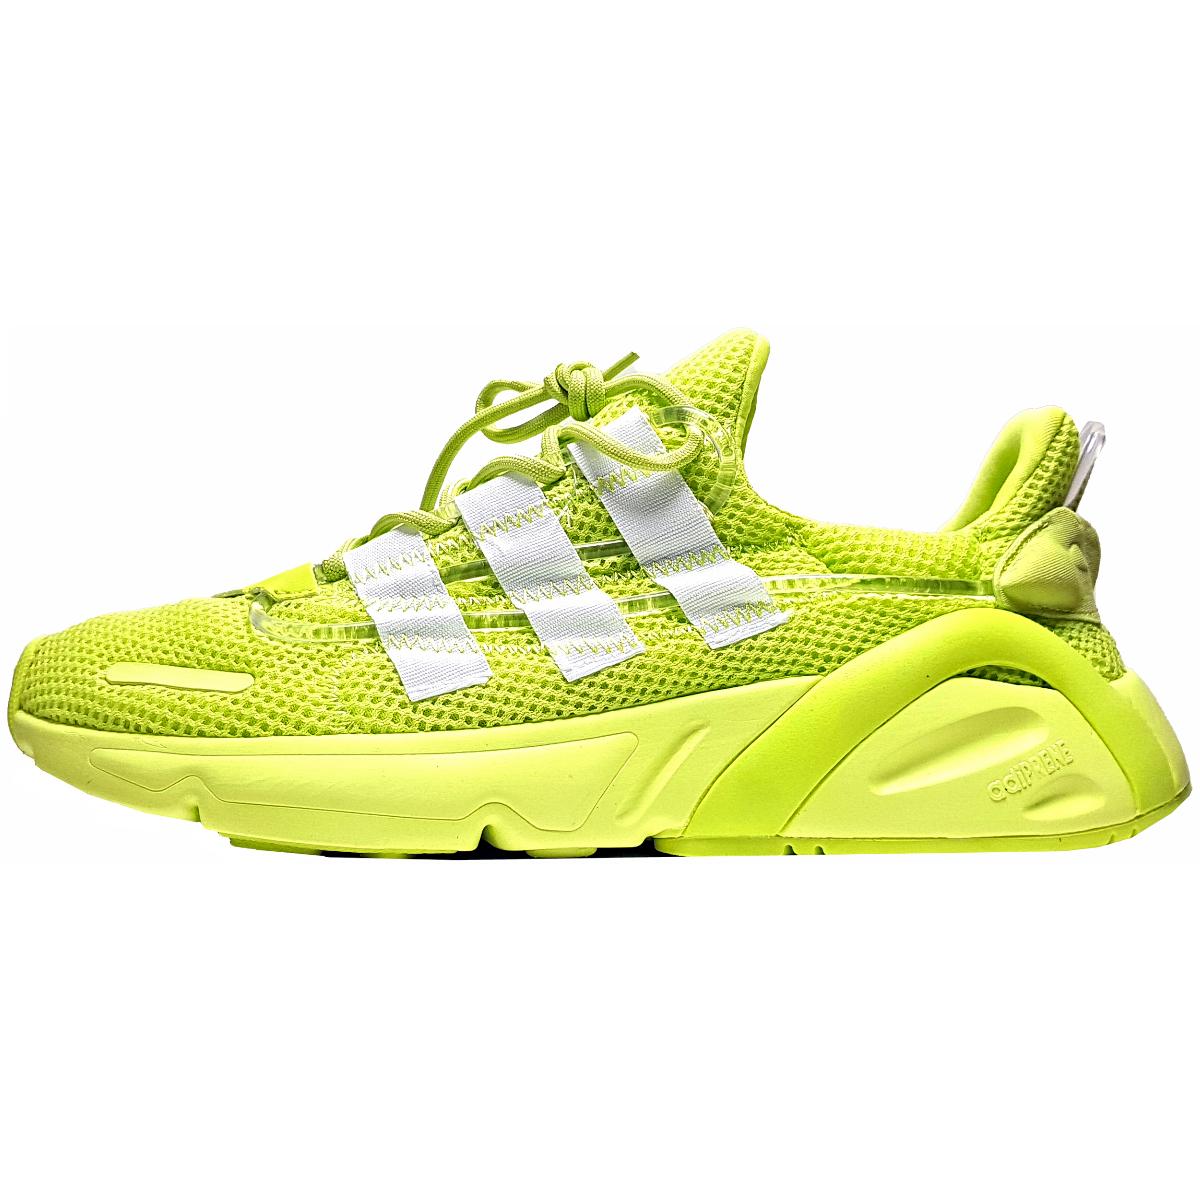 کفش مخصوص پیاده روی مردانه آدیداس مدل Yeezy Boost 600